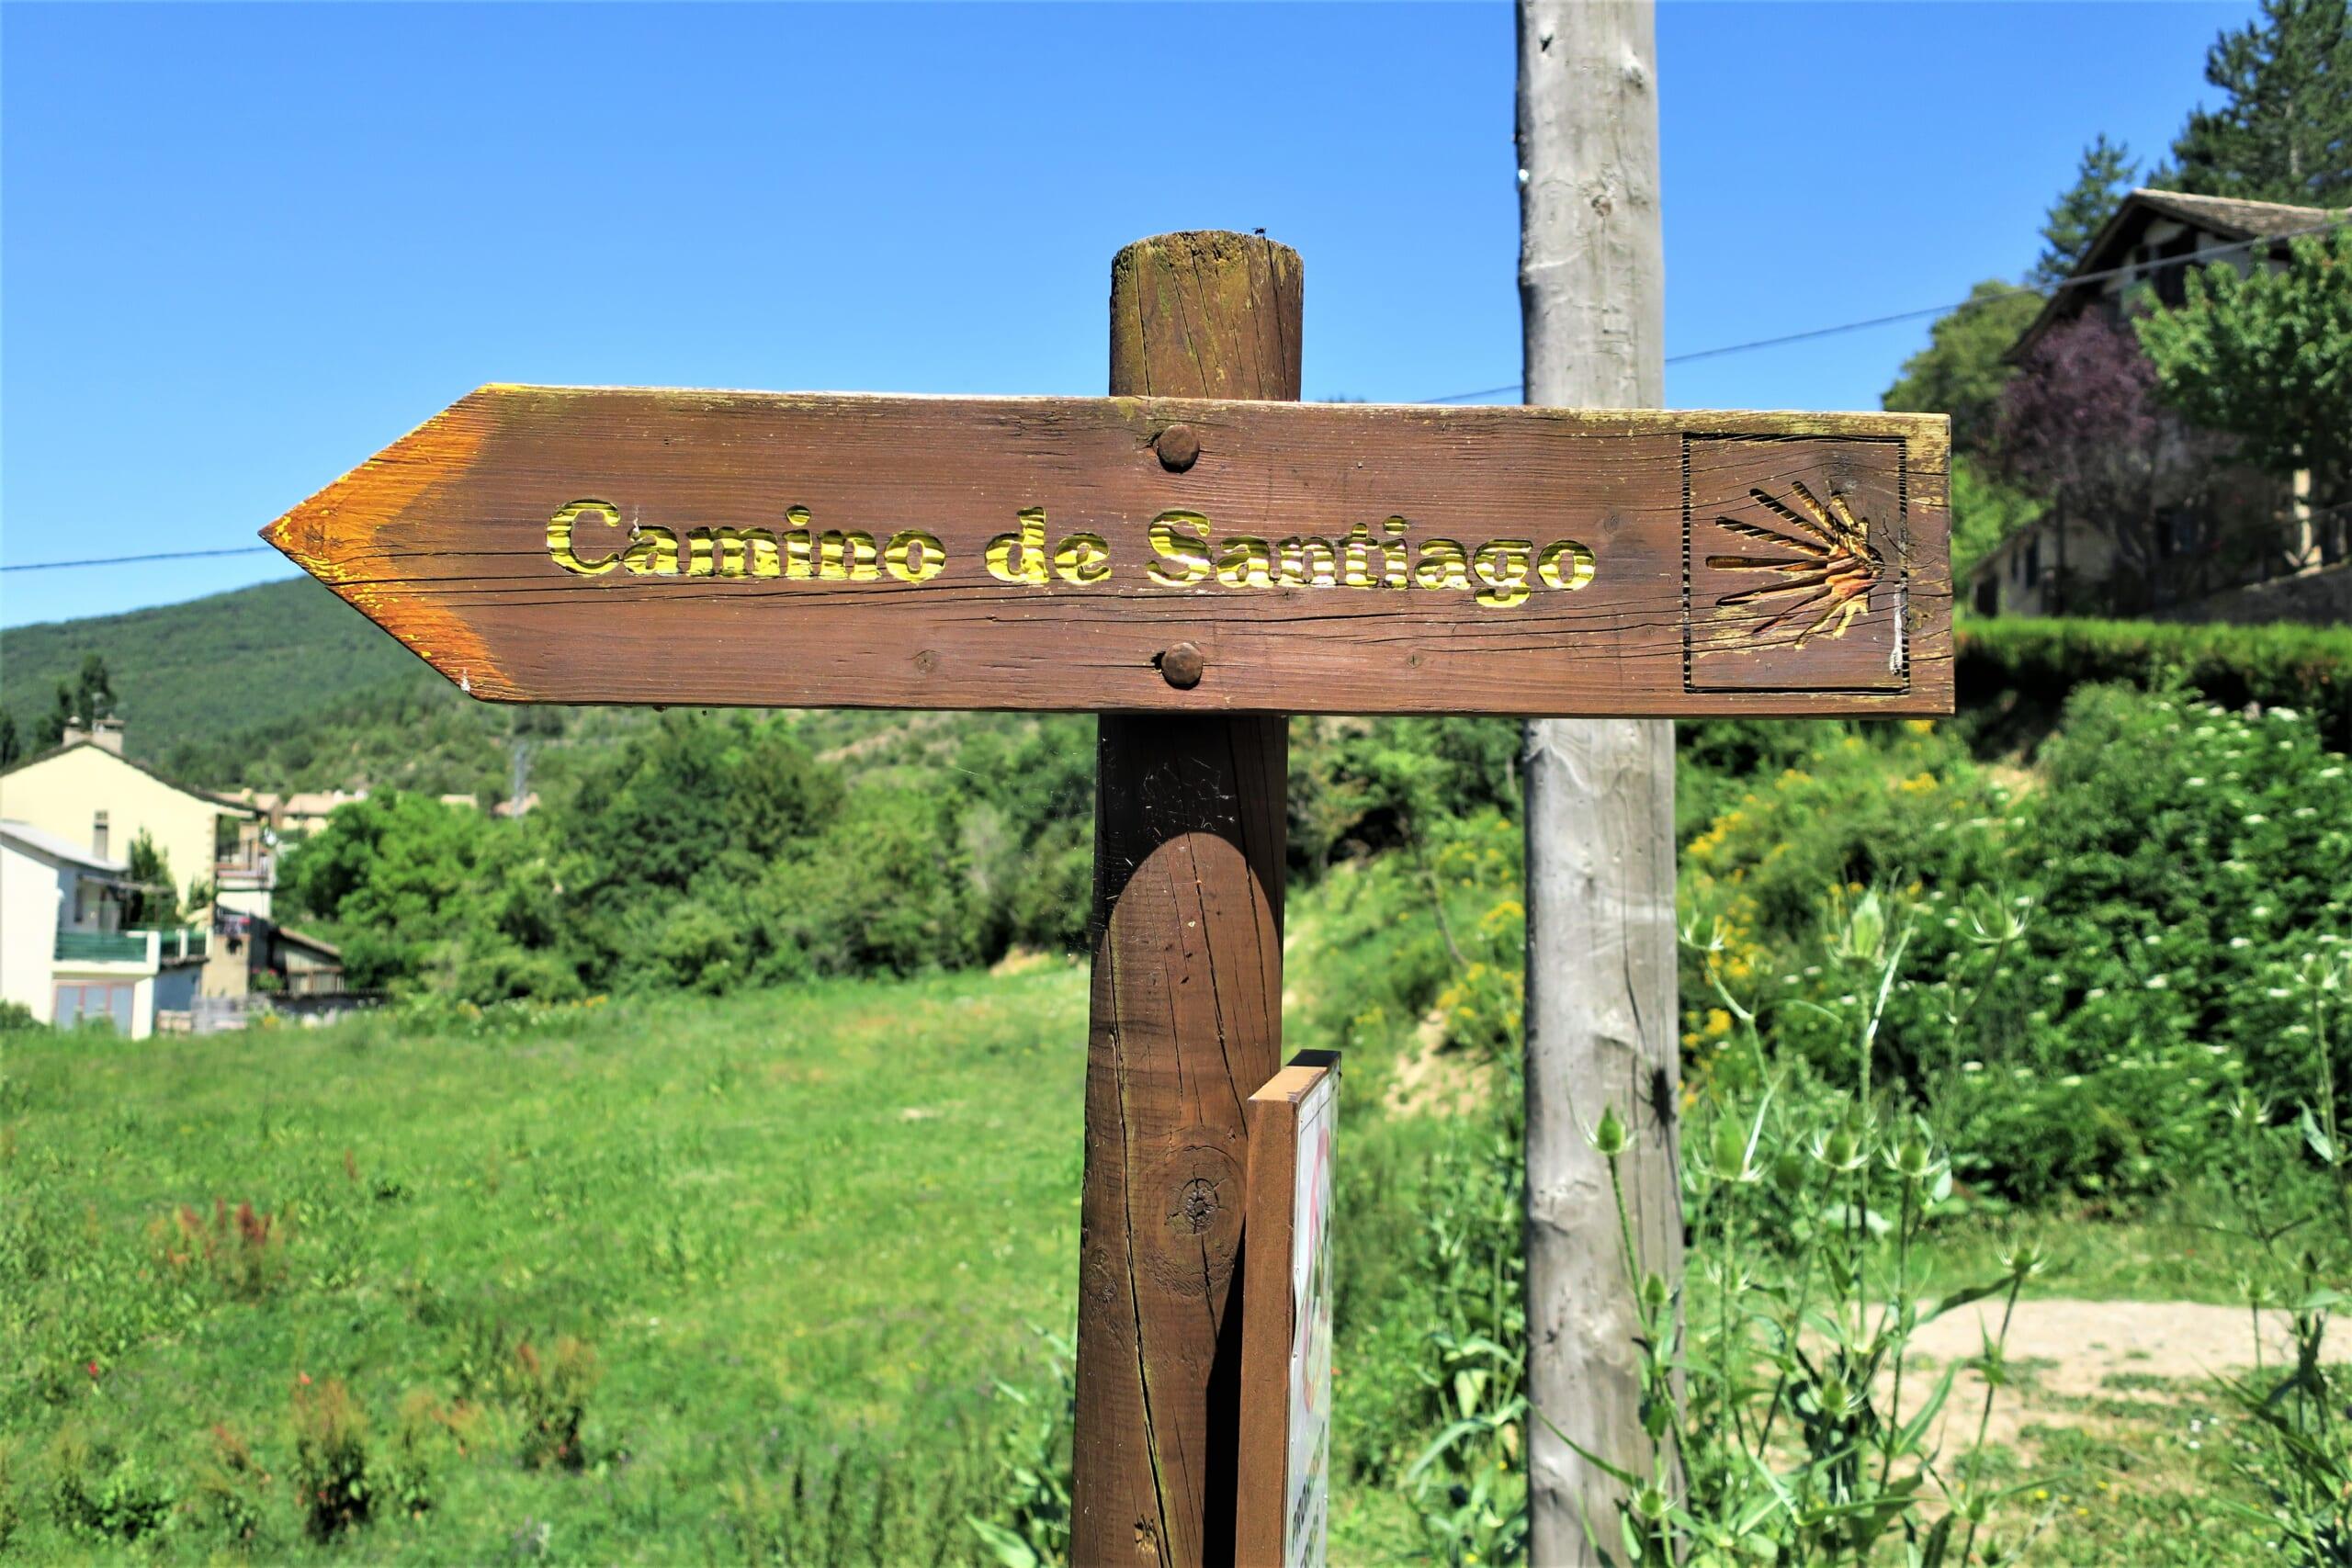 北スペインのサンティアゴ巡礼路